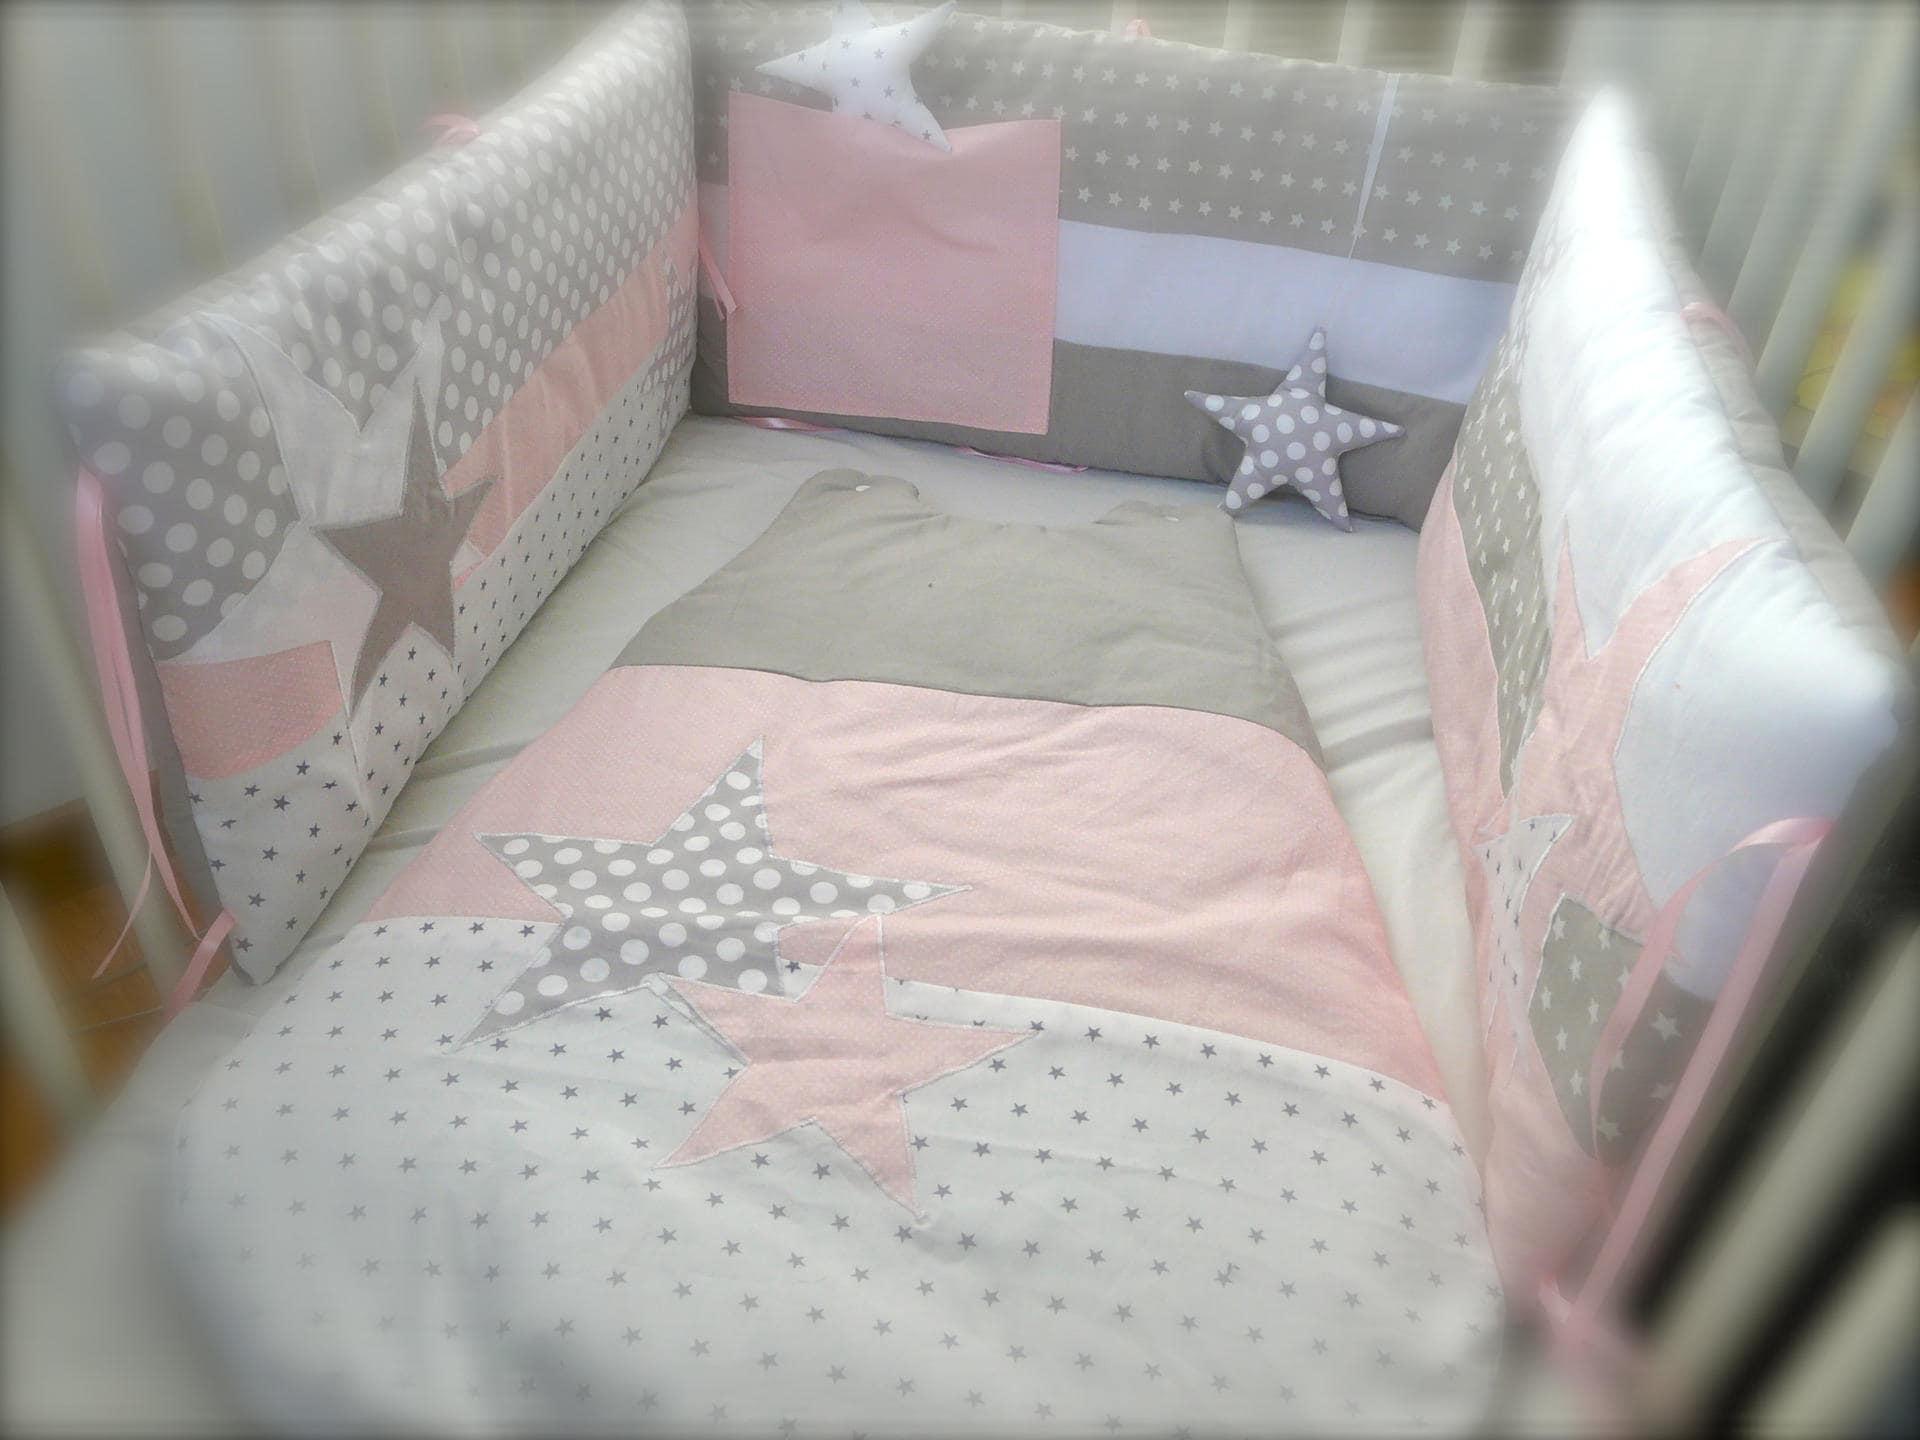 Tour de lit lit 70x140 etoiles rose et gris perles - Tour de lit bebe 70x140 ...